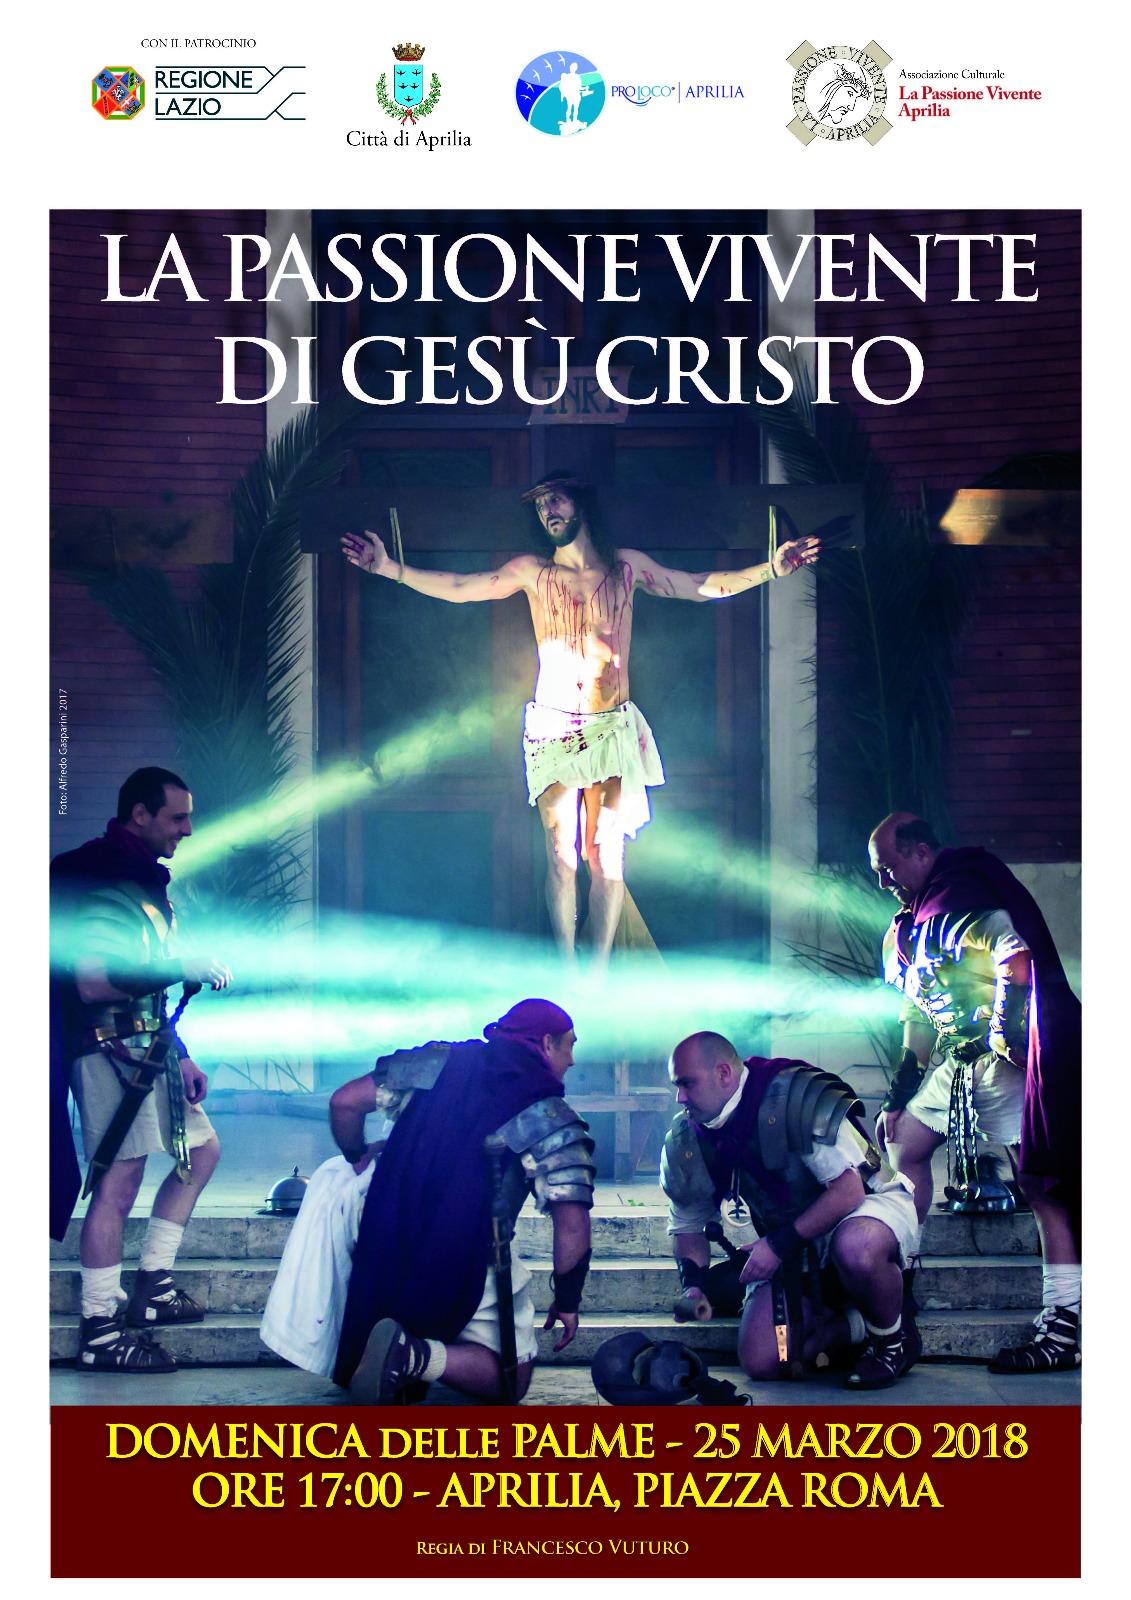 Passione Vivente di Cristo, domenica 25 marzo la quinta edizione dell'eventoapriliano